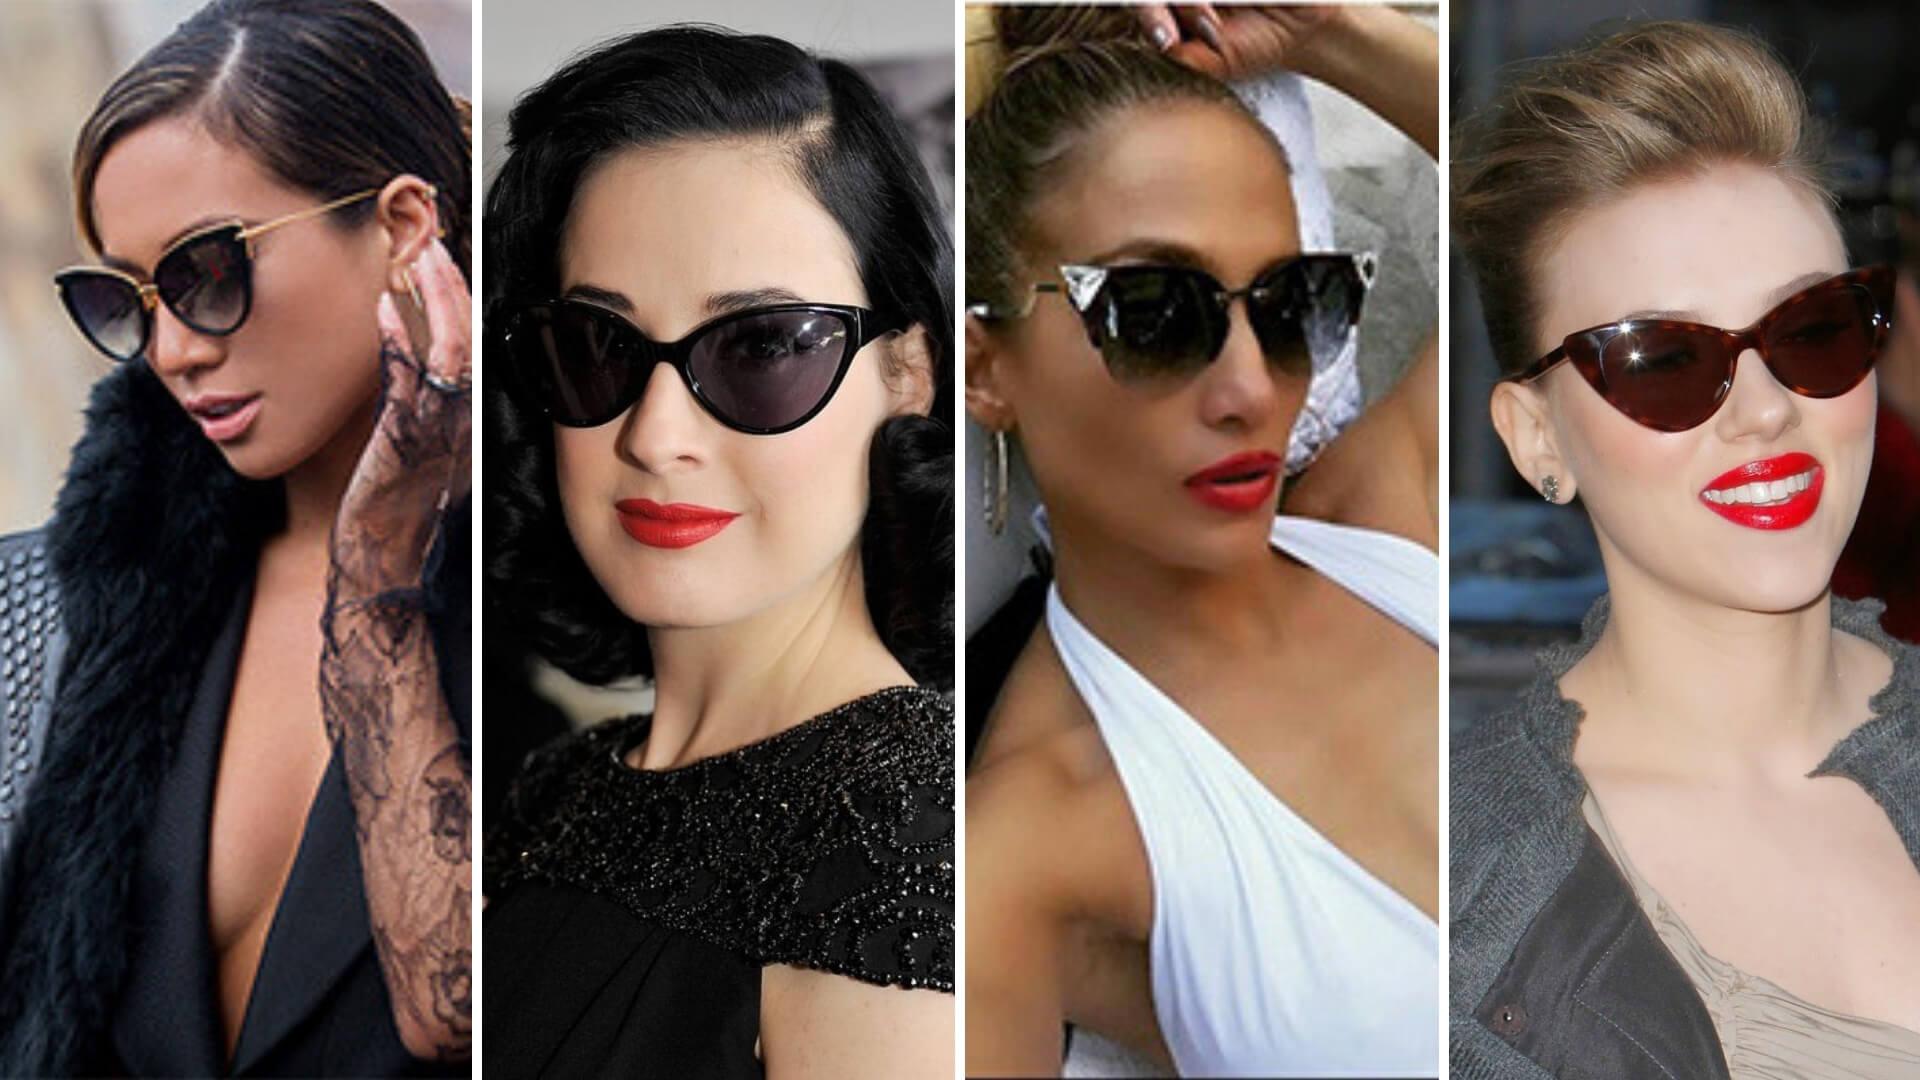 b89009f8f ... Marilyn Monroe preslávili tento originálny typ okuliarov a v súčasnosti  je opäť veľmi IN. Obľubujú ho celebrity, ako latino diva Jennifer Lopez, ...